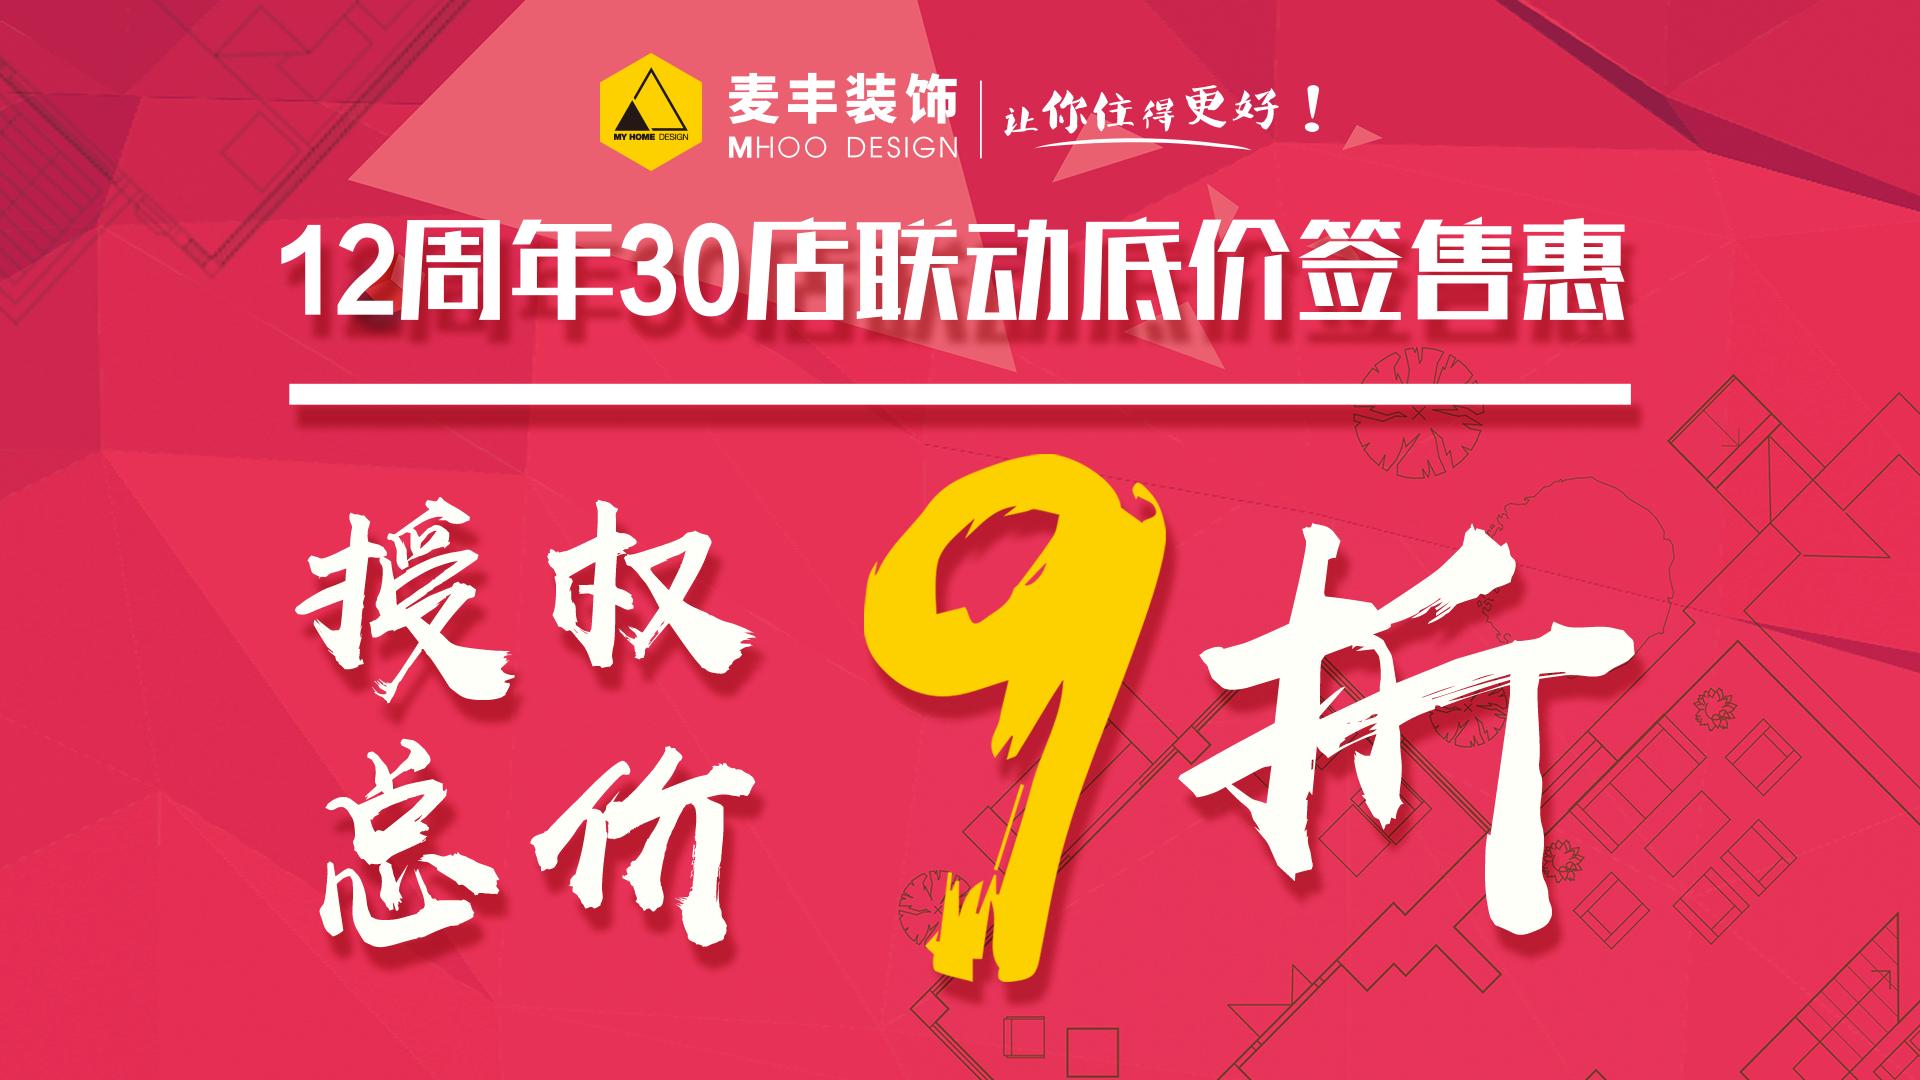 12万元福利领取 | 麦丰12周年请1200位业主免费吃辣府火锅!